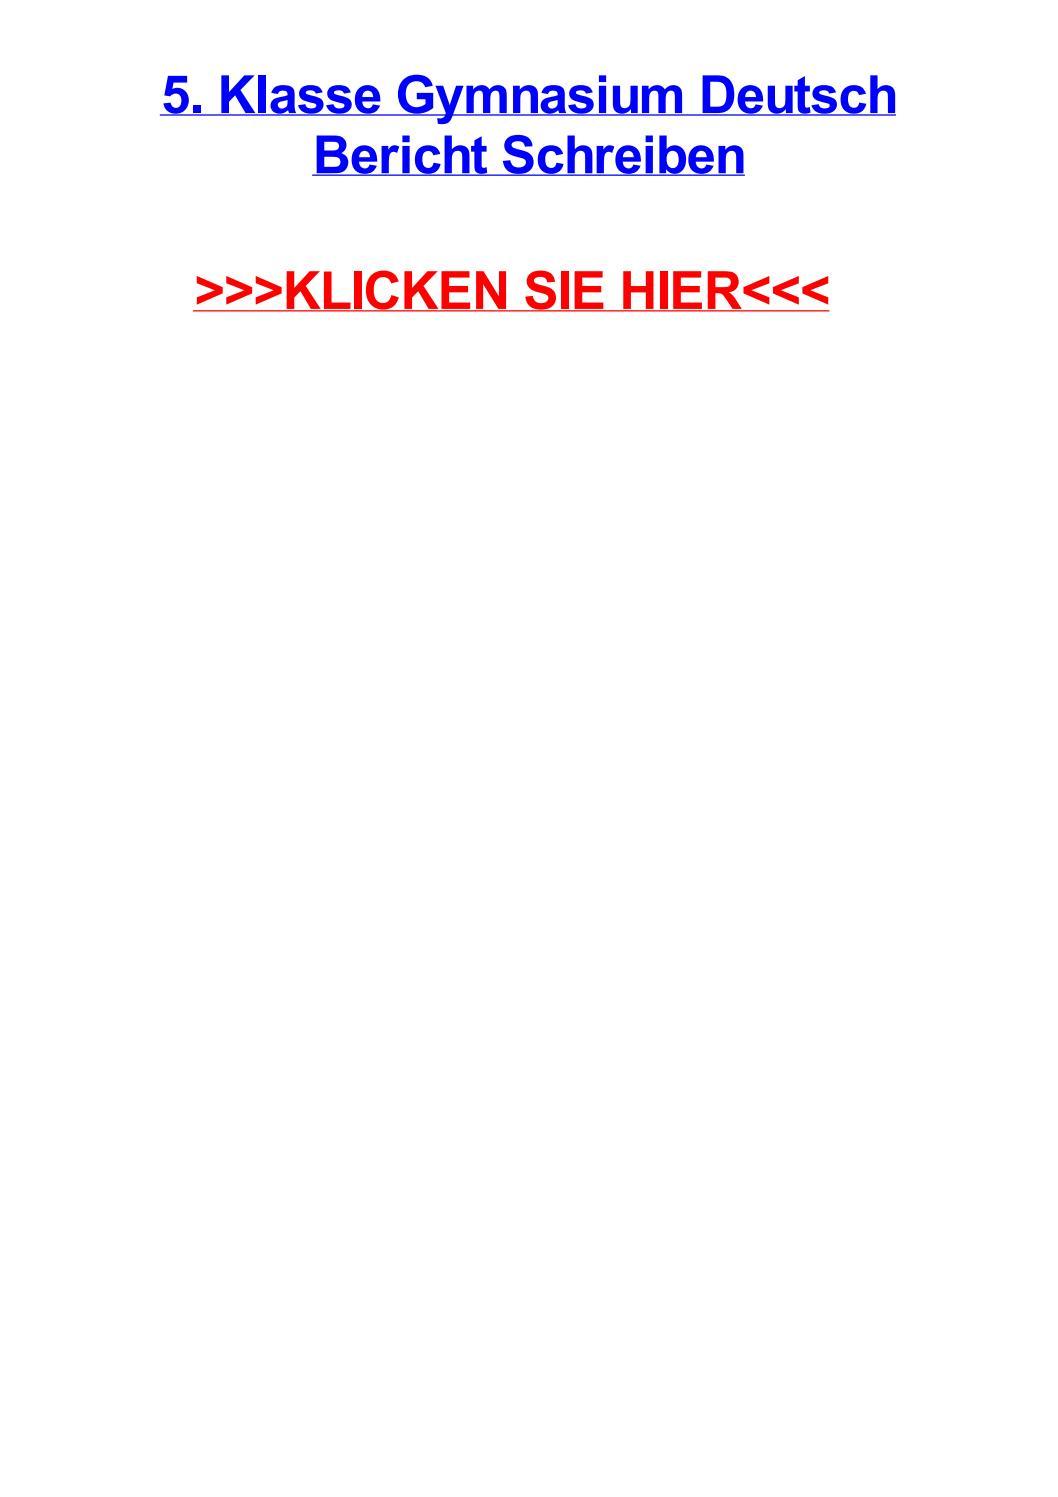 5 klasse gymnasium deutsch bericht schreiben by ryandjcx - issuu